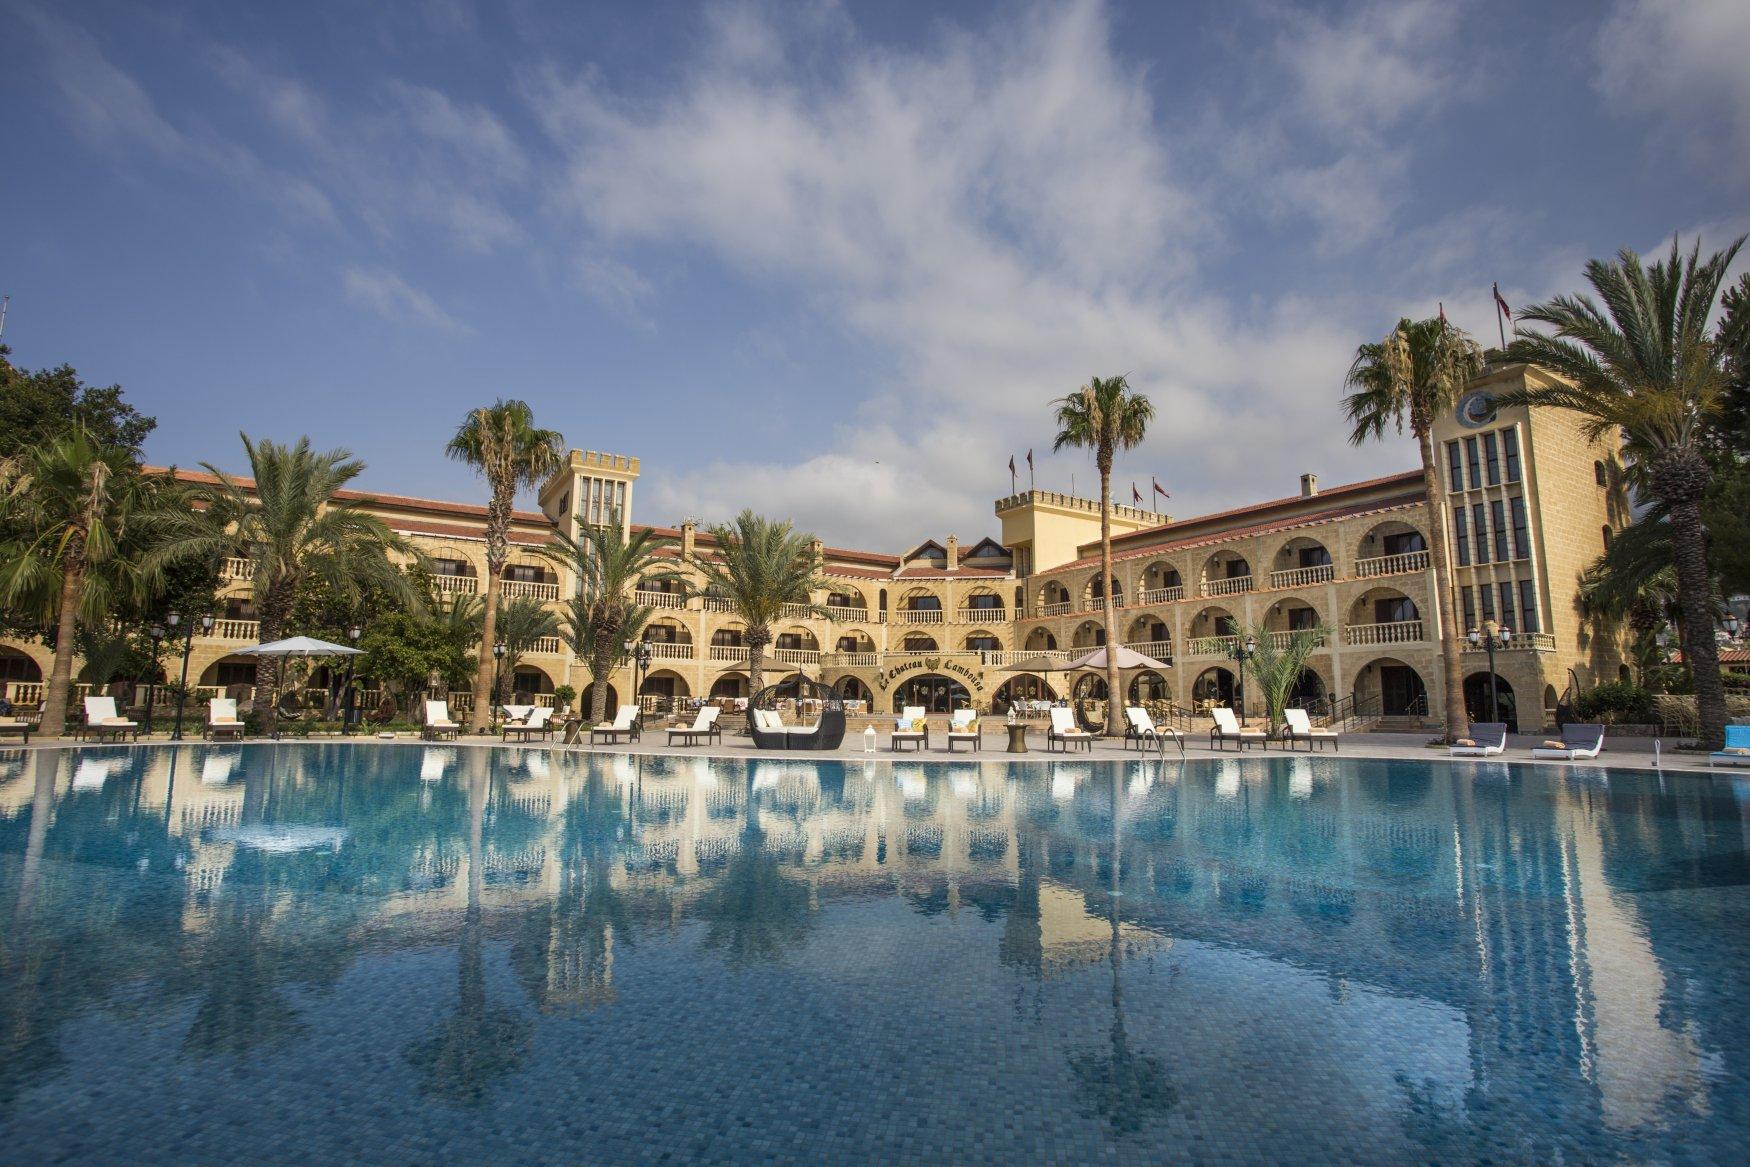 lambousa-hotel-8.jpg